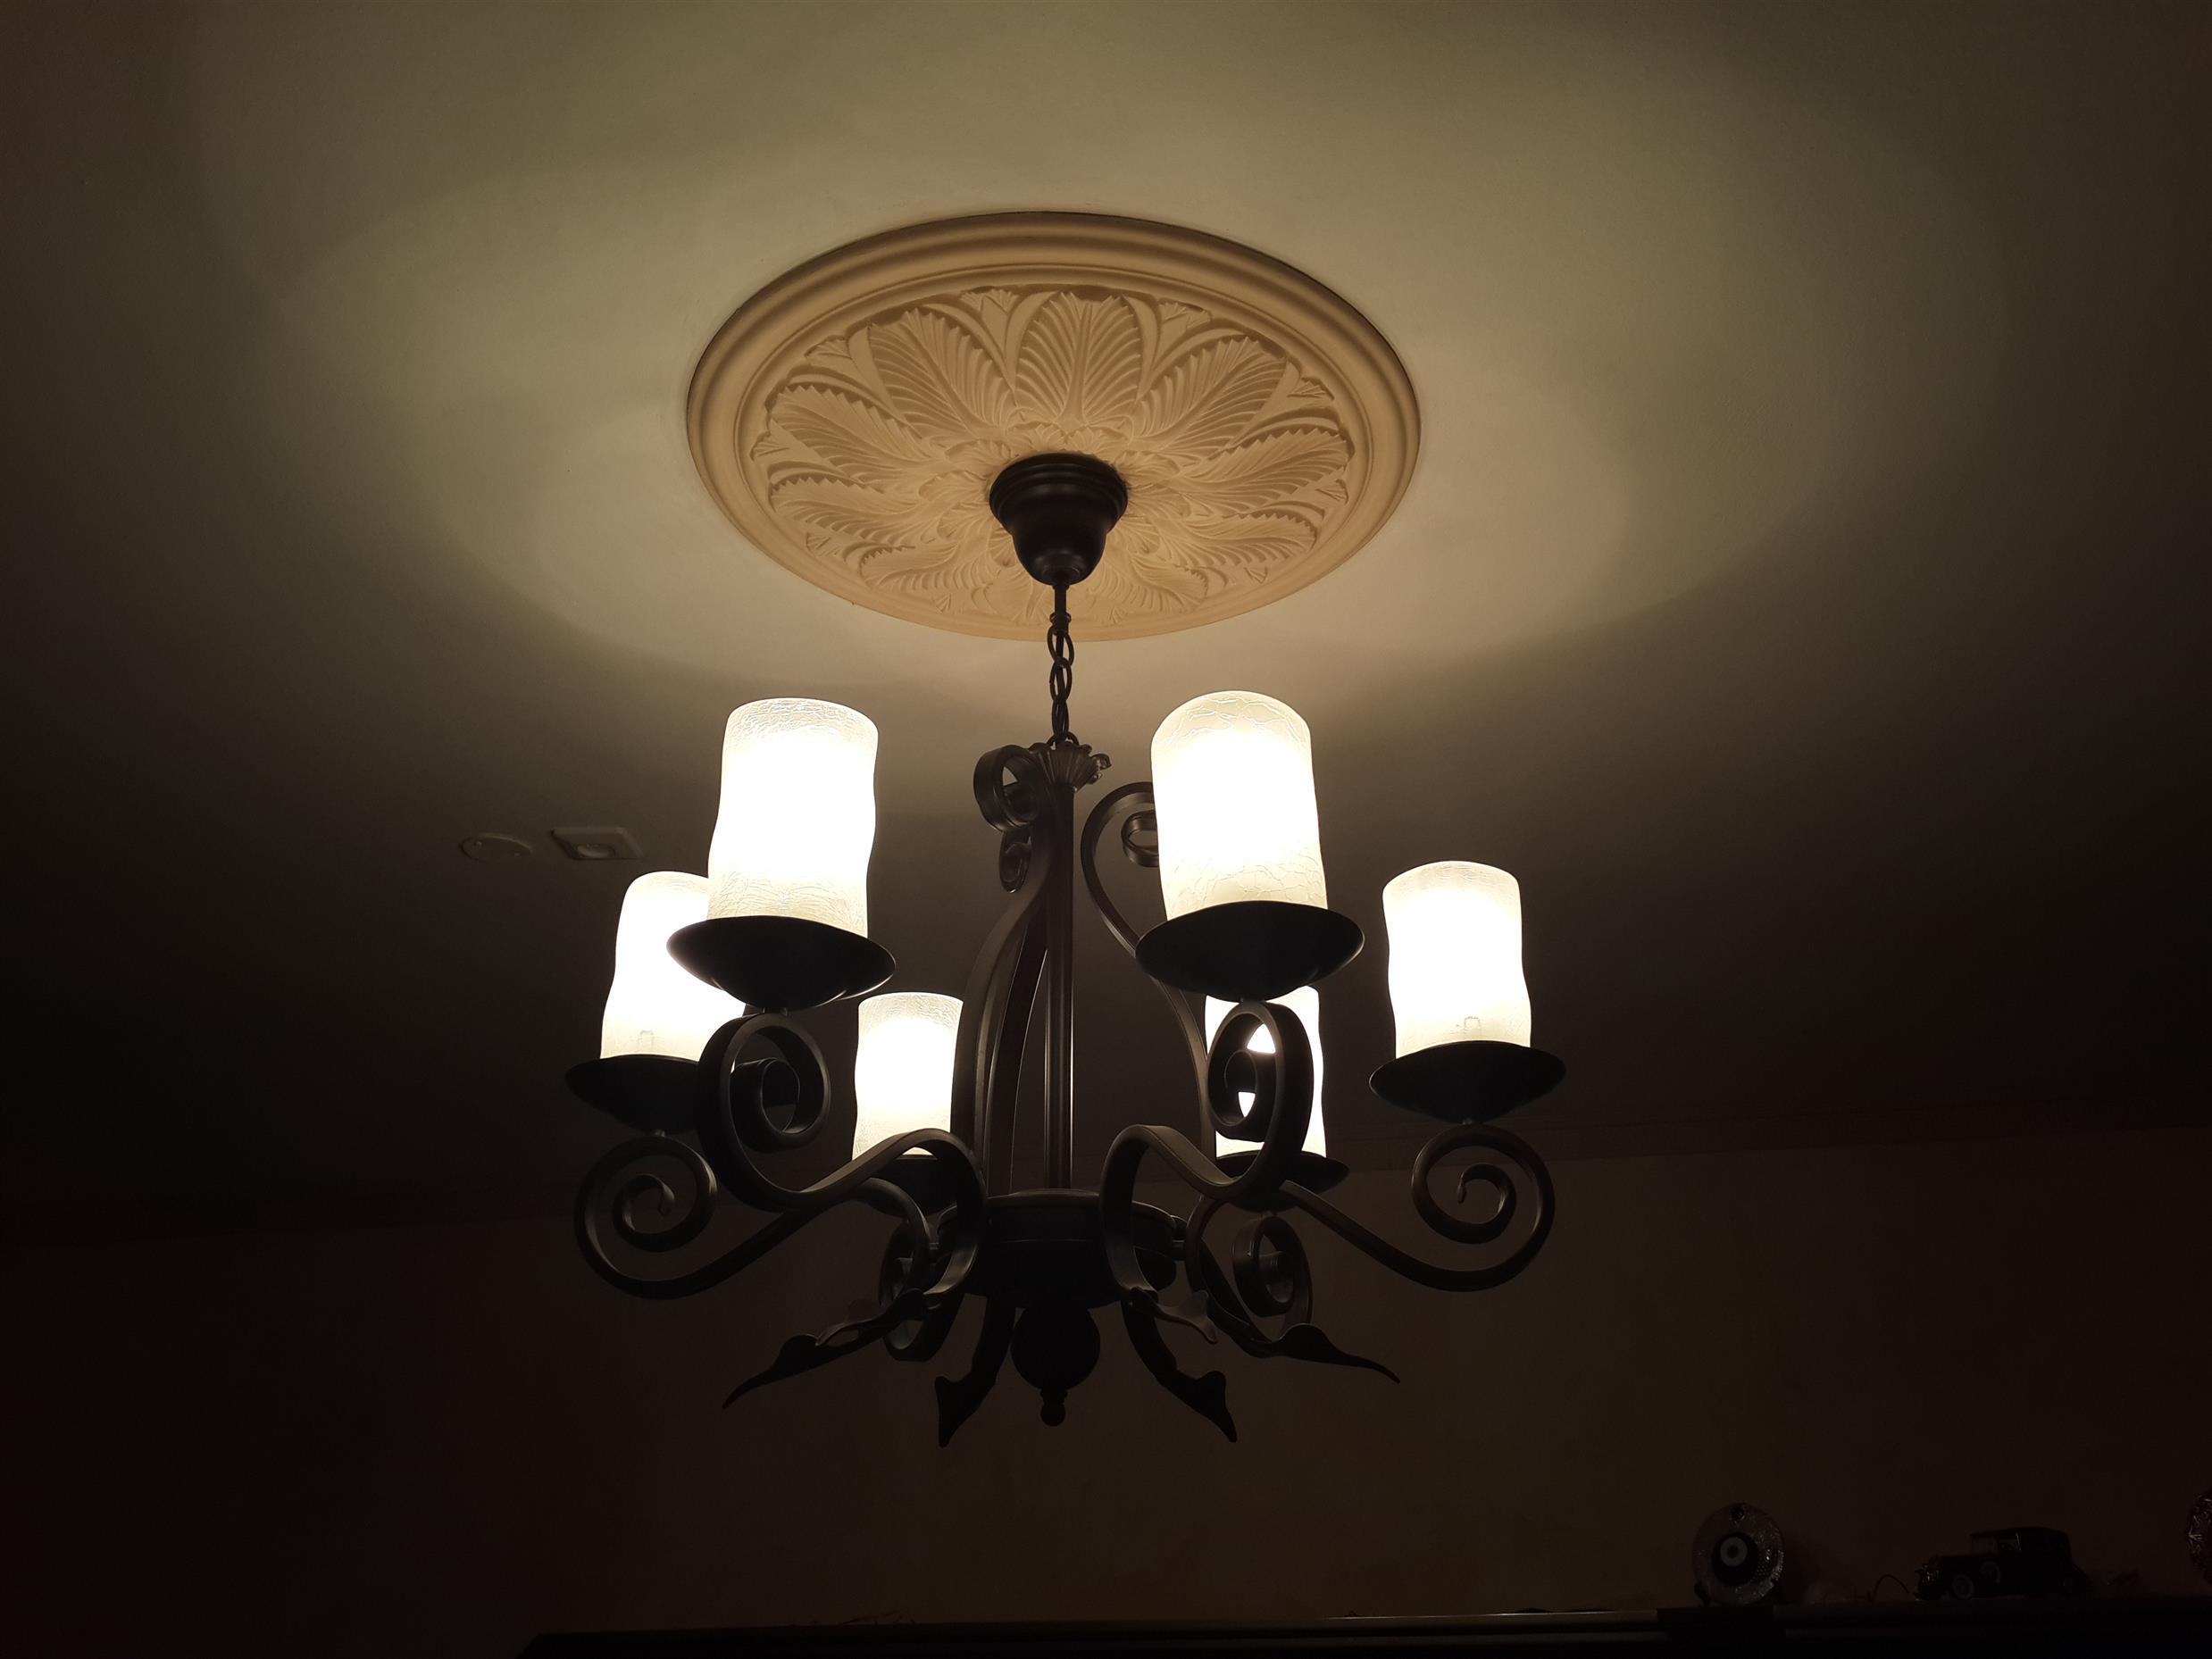 התקנת מנורות